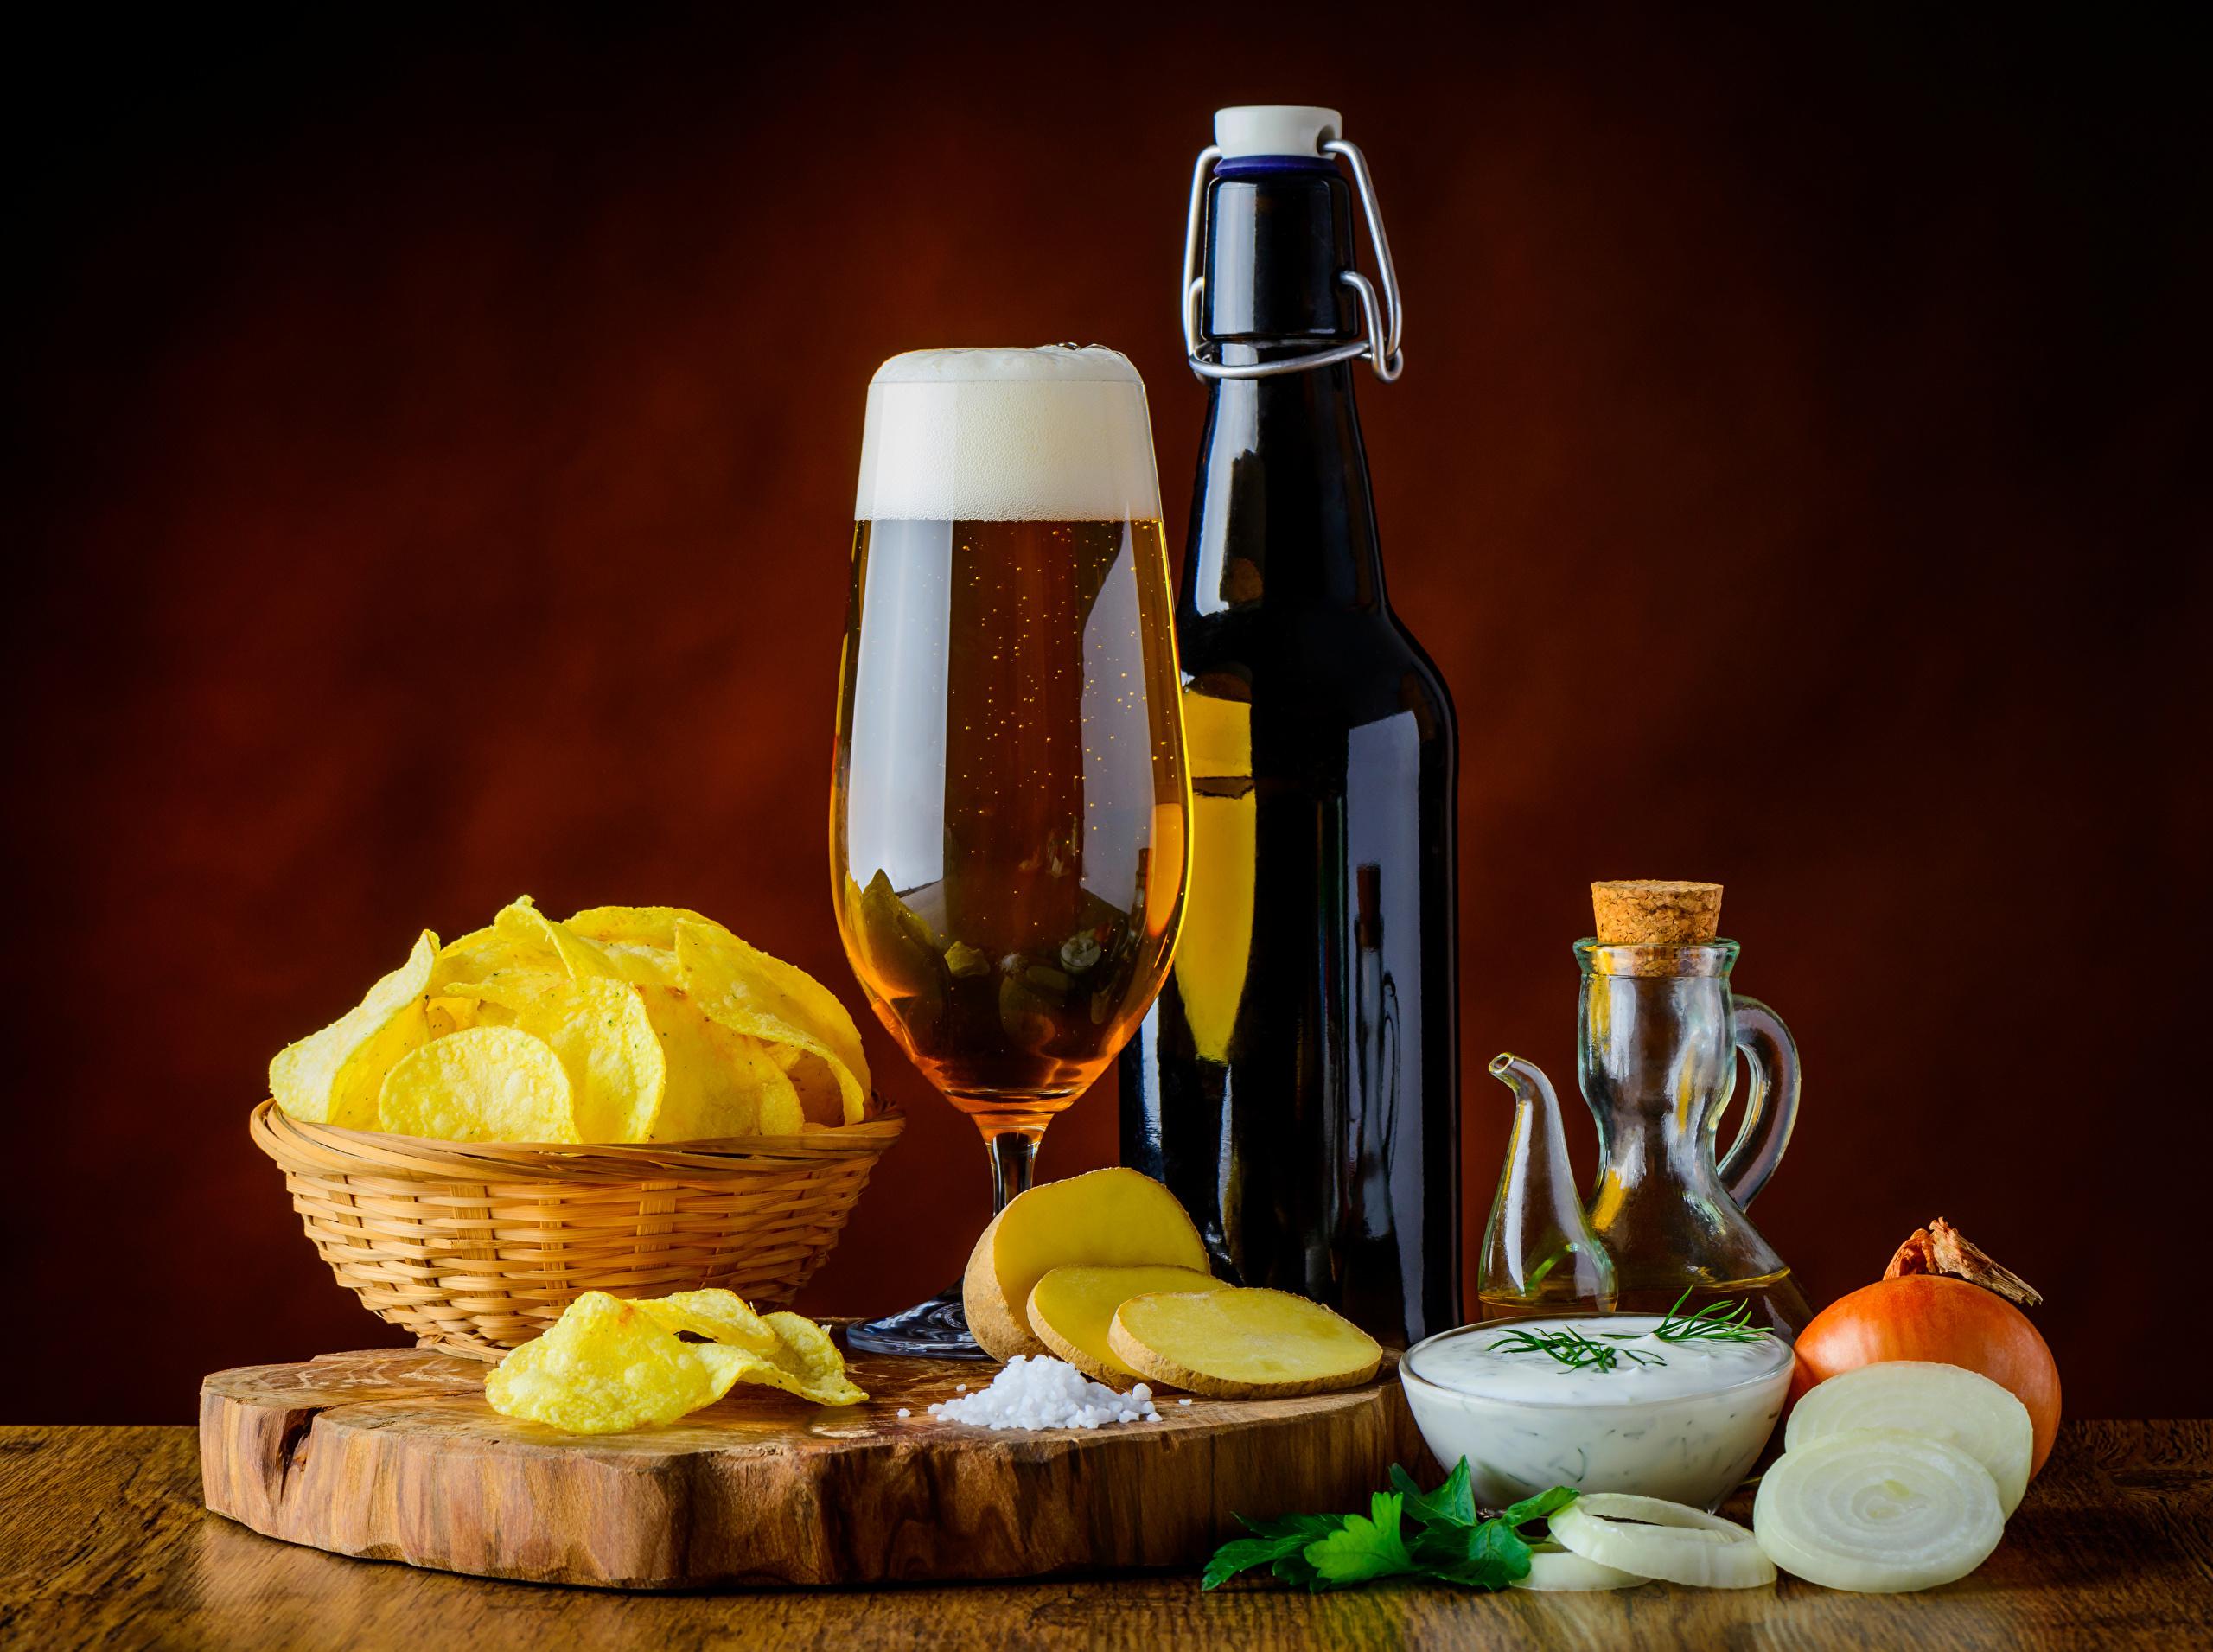 Fotos von Bier Zwiebel Kartoffelchips Flasche Weinglas Lebensmittel 2560x1911